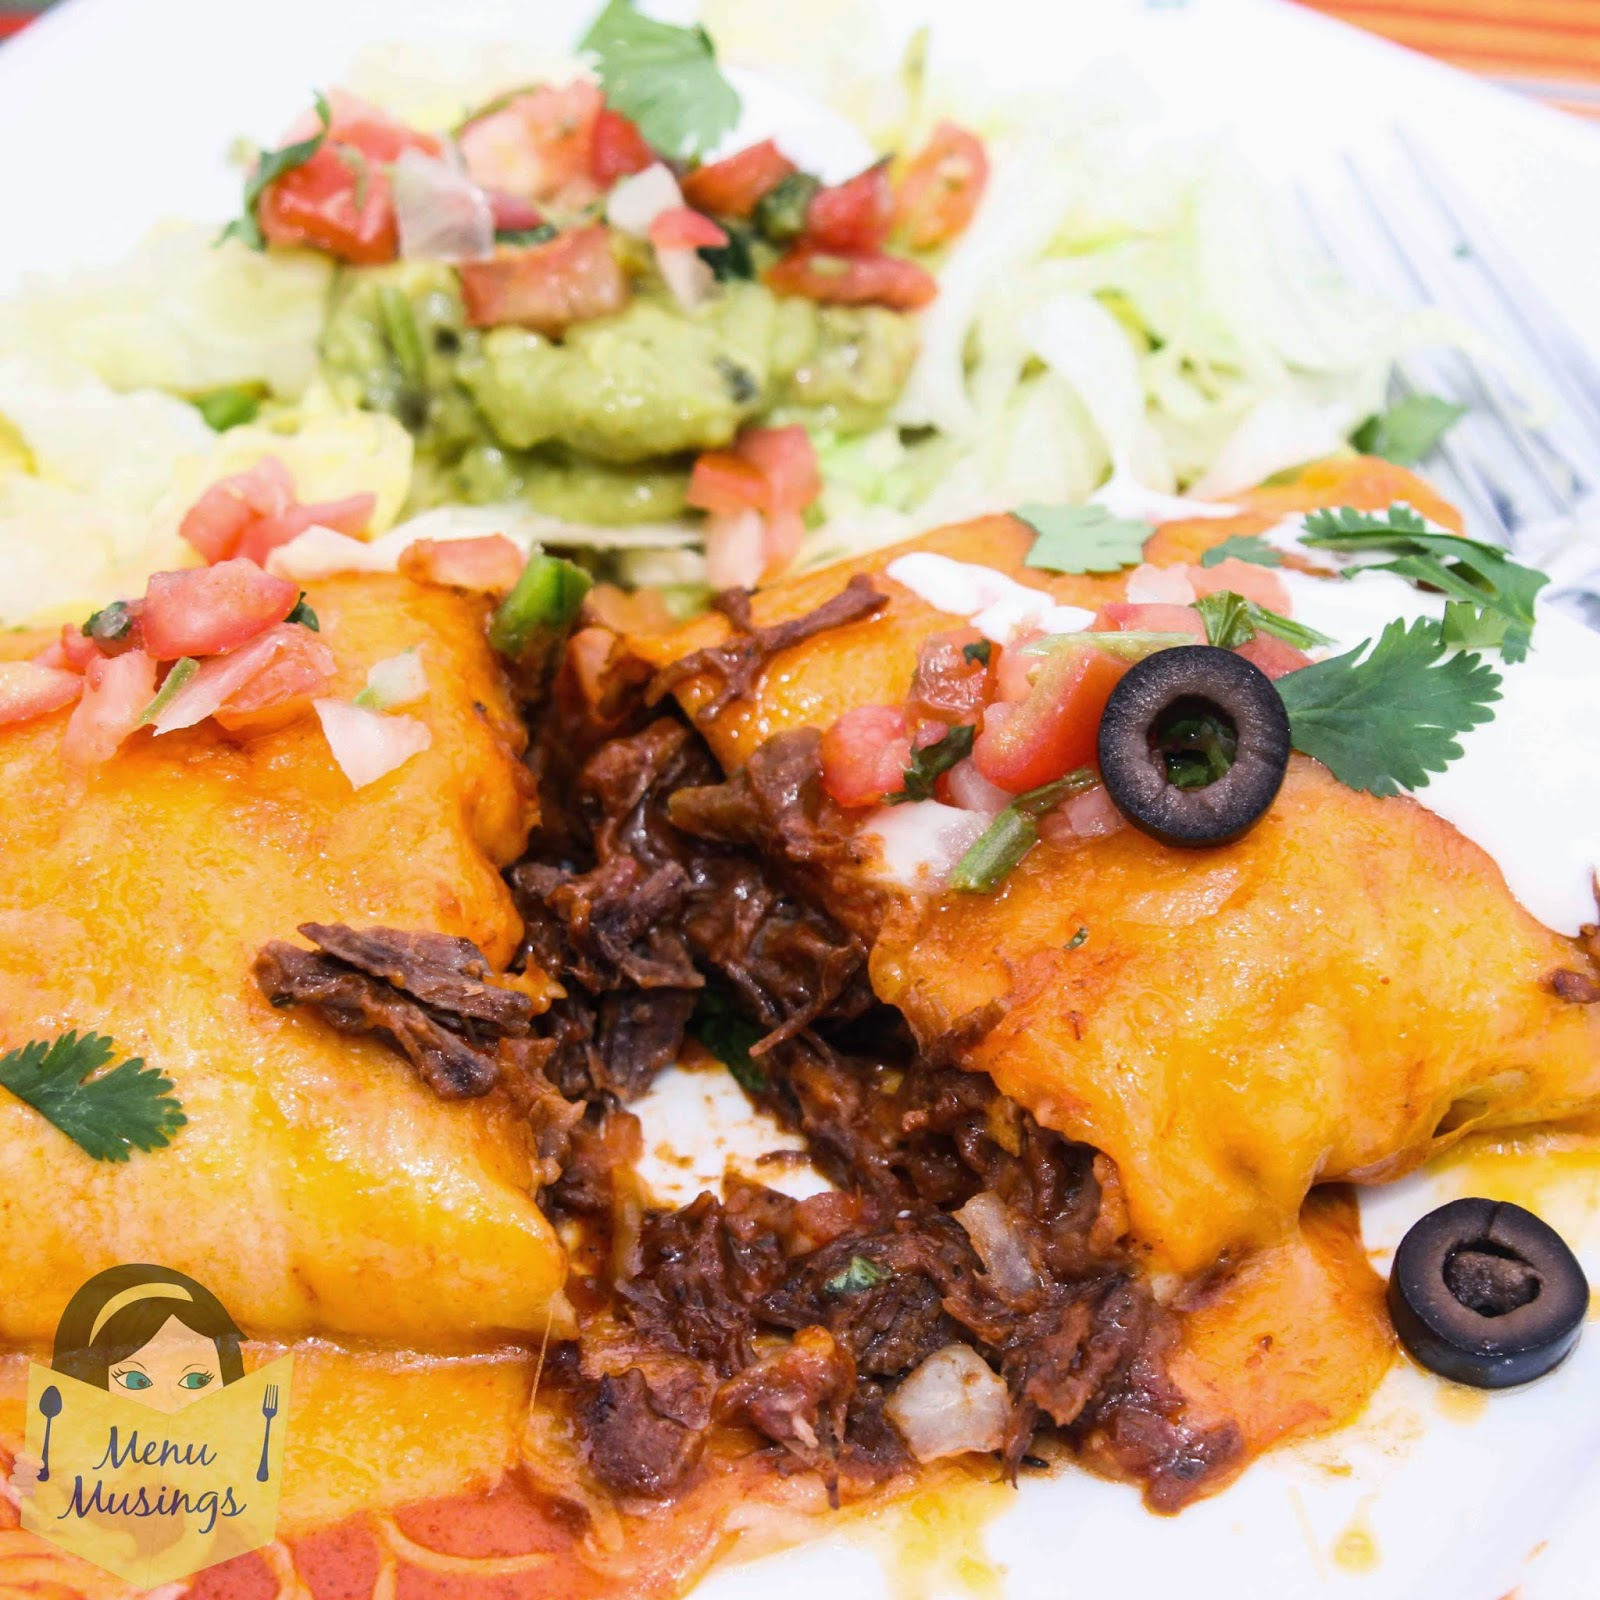 Chili Colorado Burritos @ menumusings.com